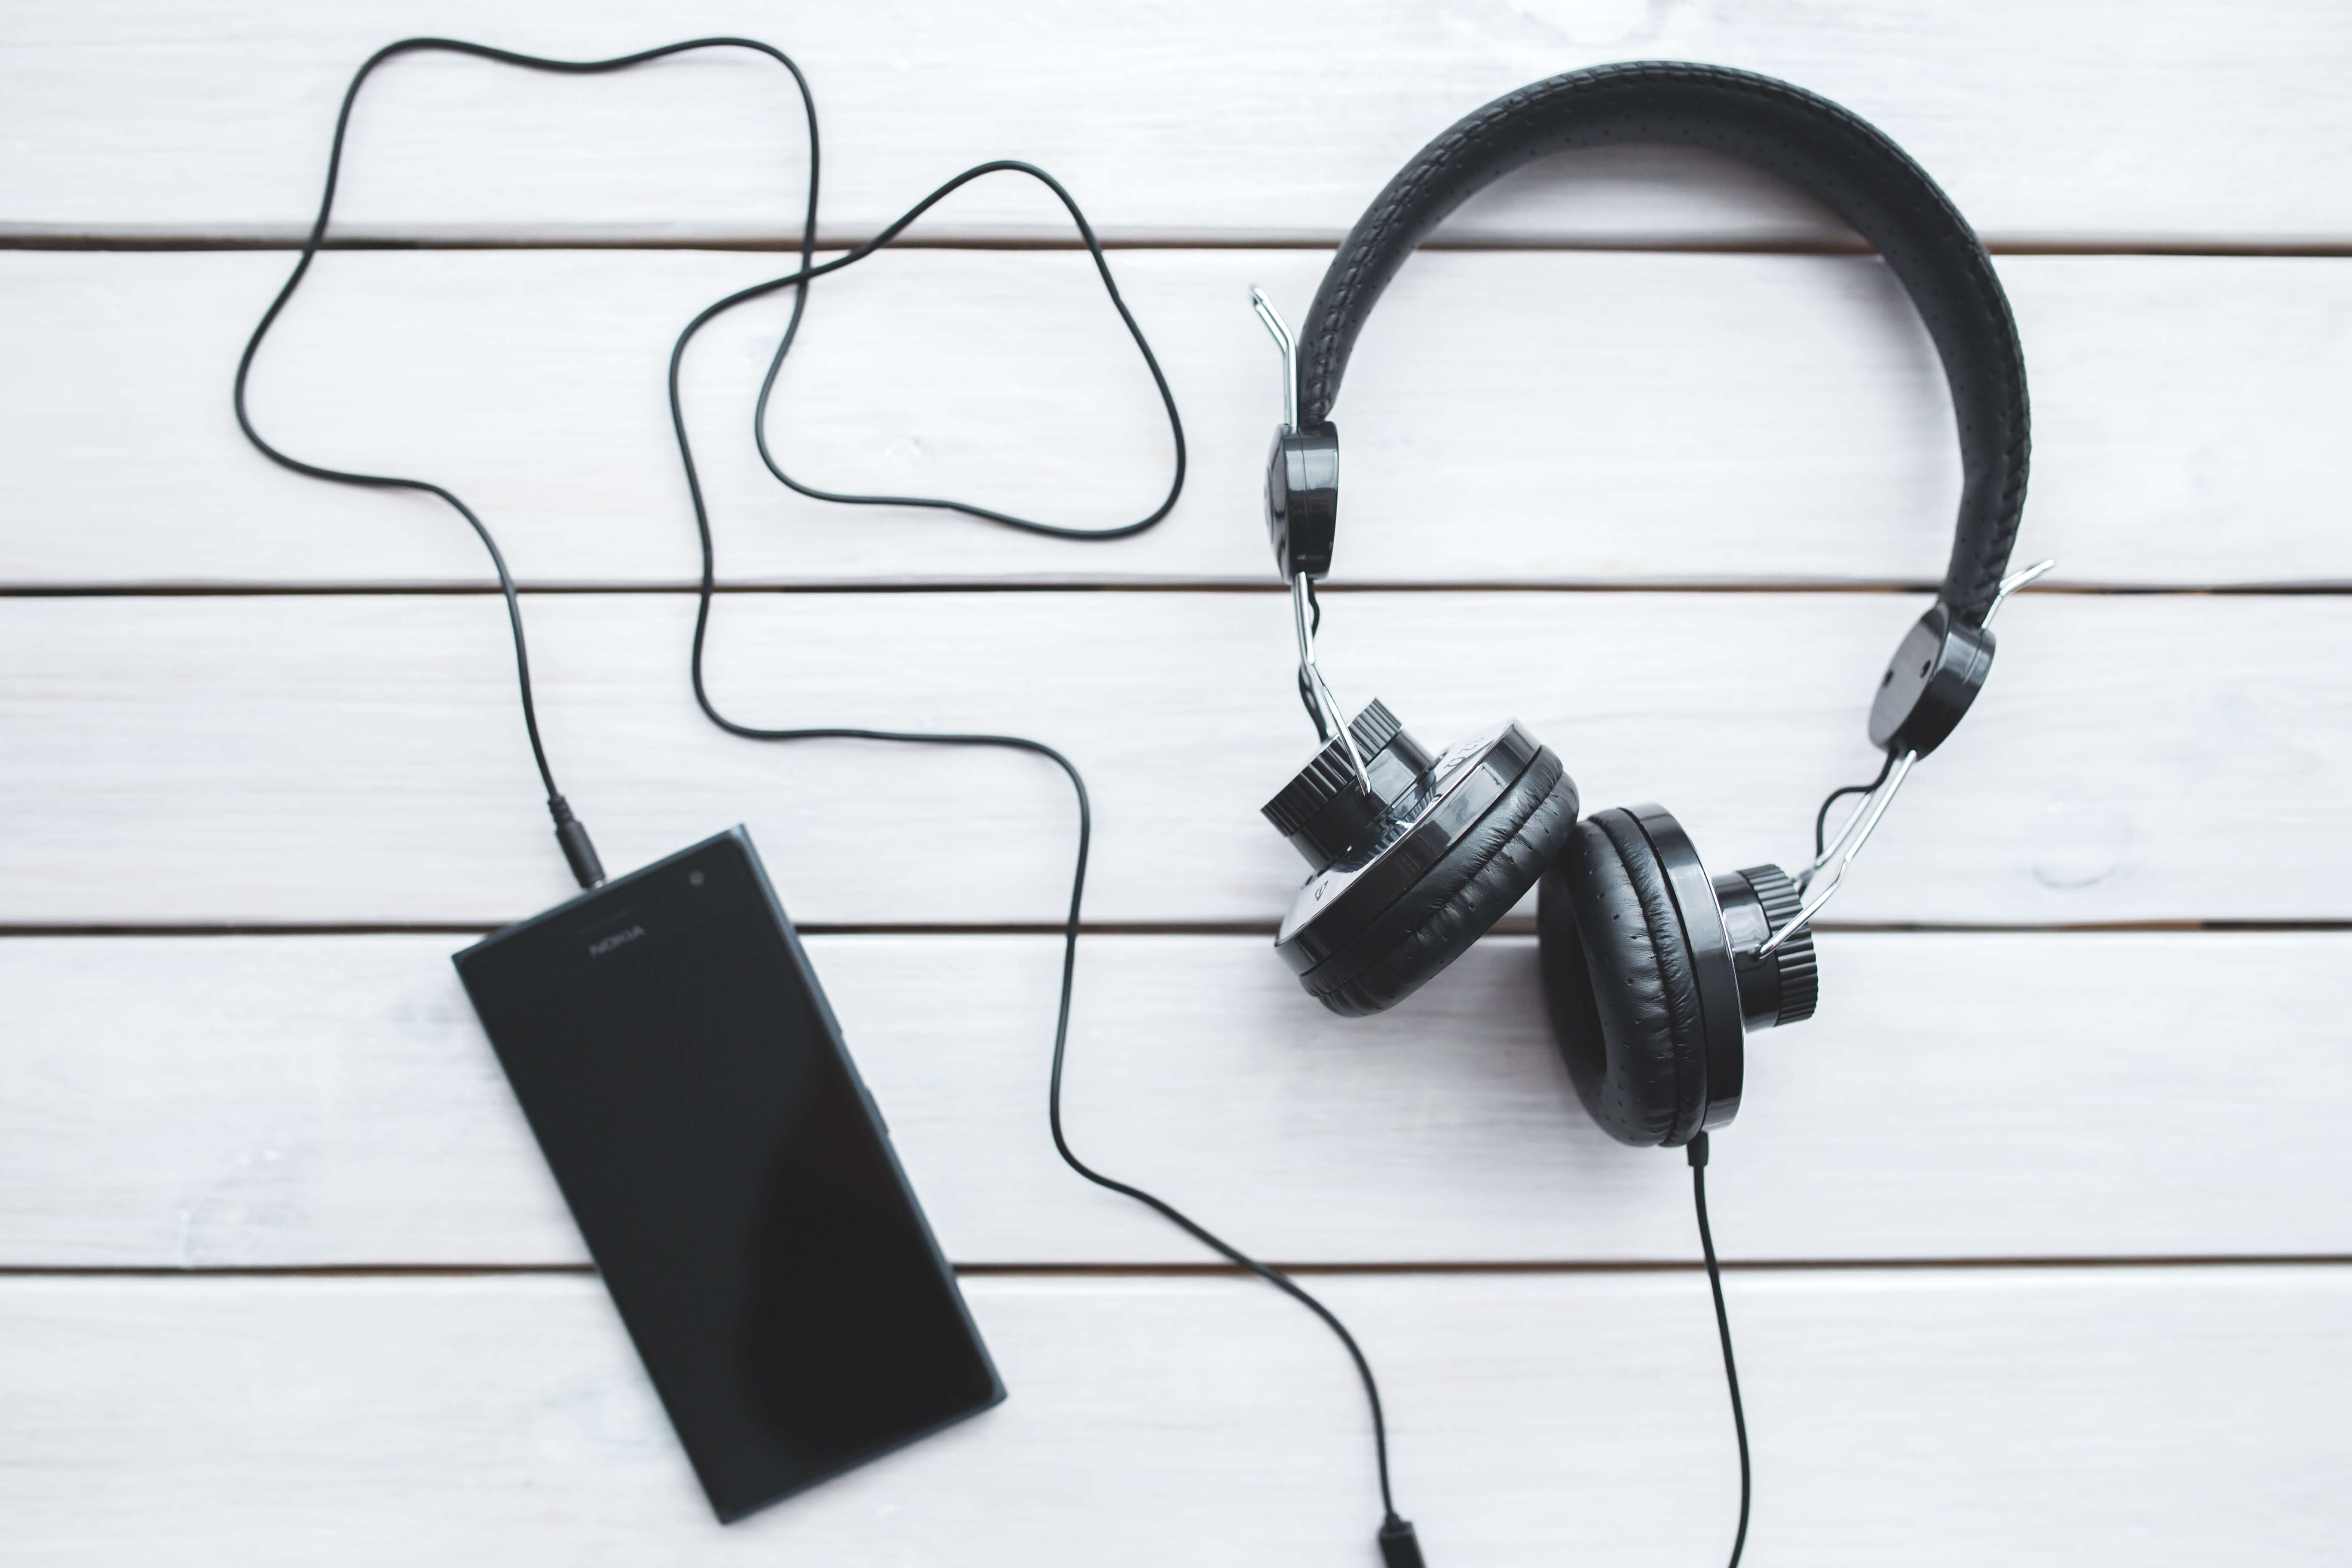 Les 6 meilleures applications mobiles de musique sur Android